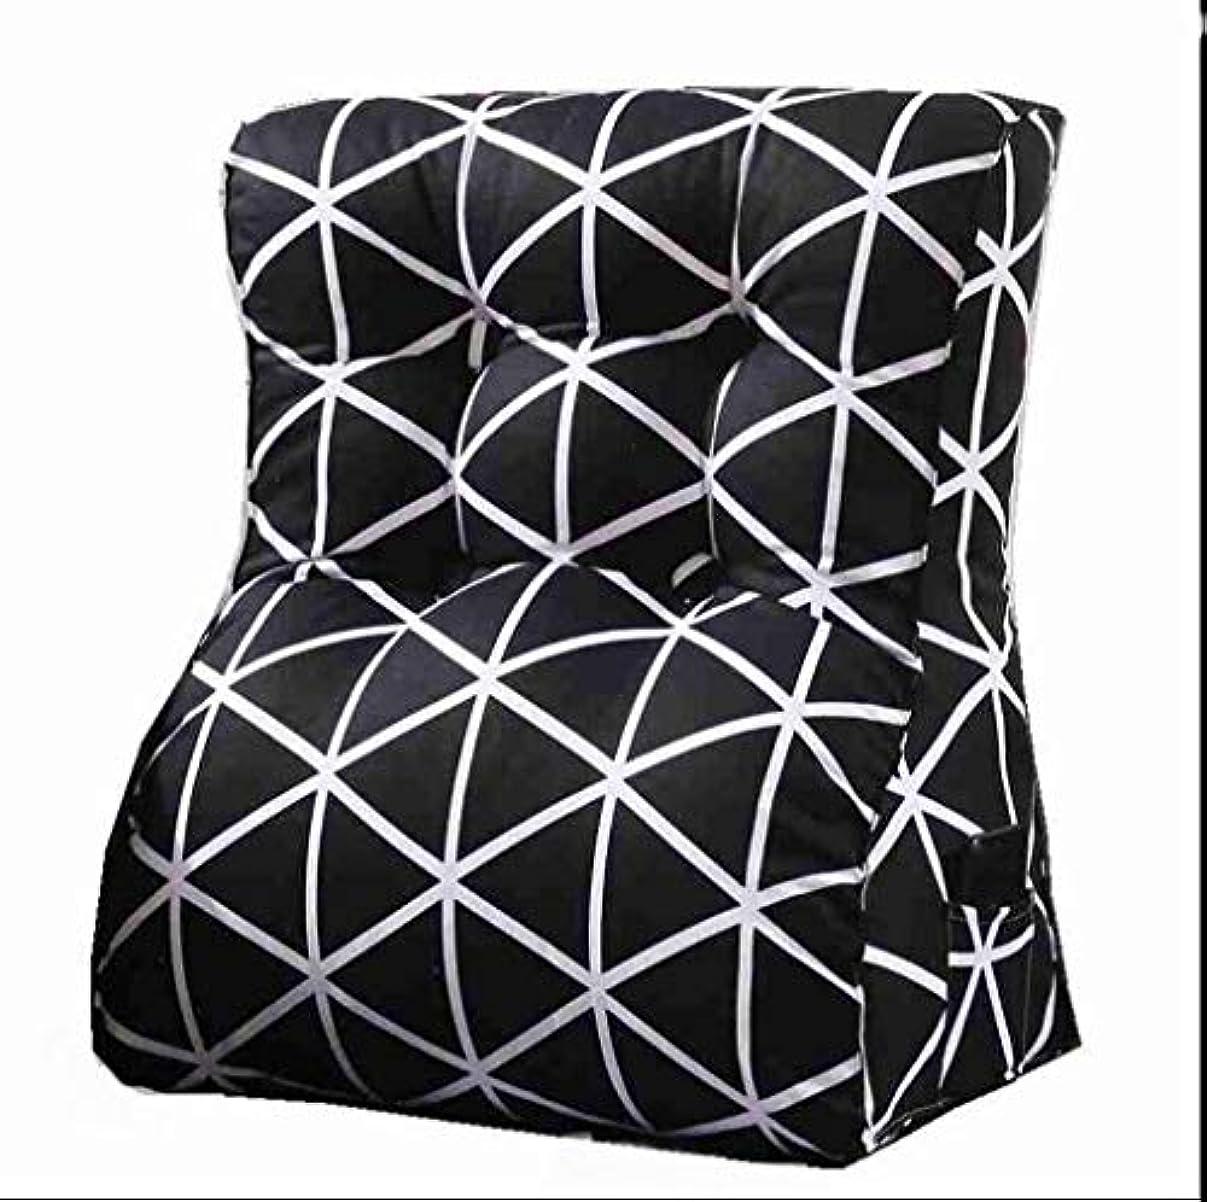 受賞回復タイムリーな18-AnyzhanTrade 三次元枕の三角形のベッドヘッド腰椎のクッションソファーバッククッションウエスト生地枕クッション (Color : 1, サイズ : 55*60*30cm)